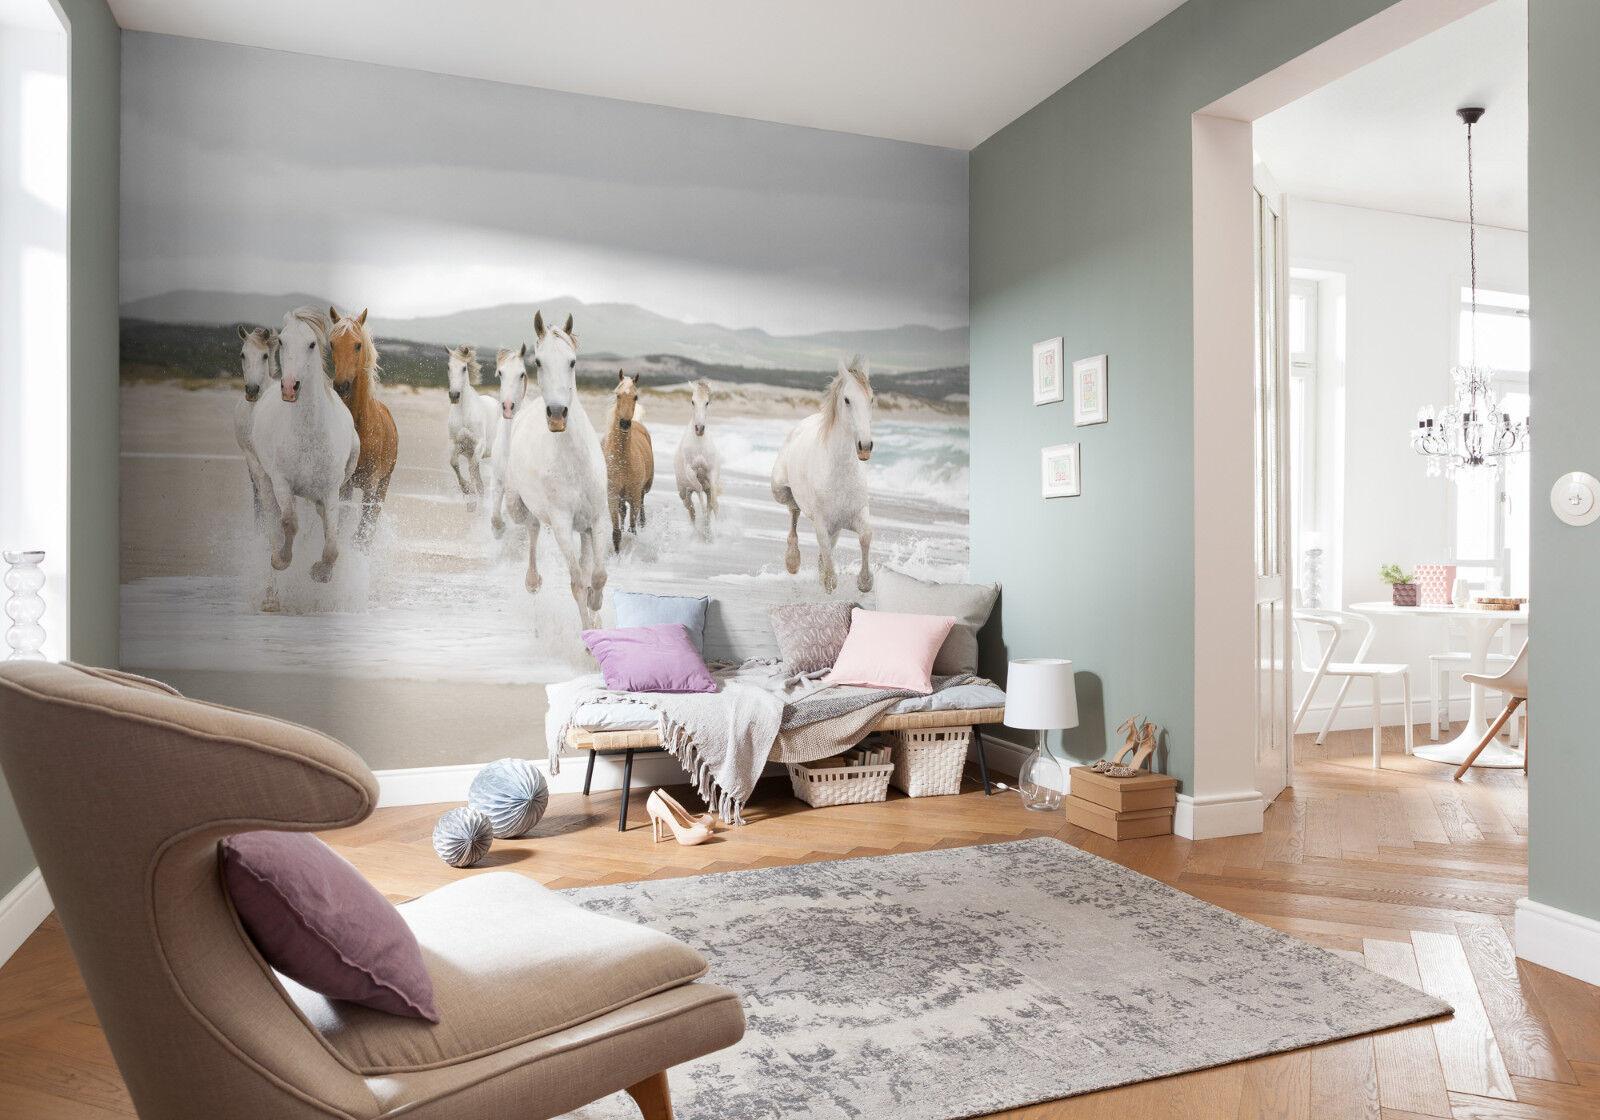 Weiß Horses - - - Fototapete 368 x 254cm - Wildpferde, Strand, Meer, Pferde - Komar 8b7301